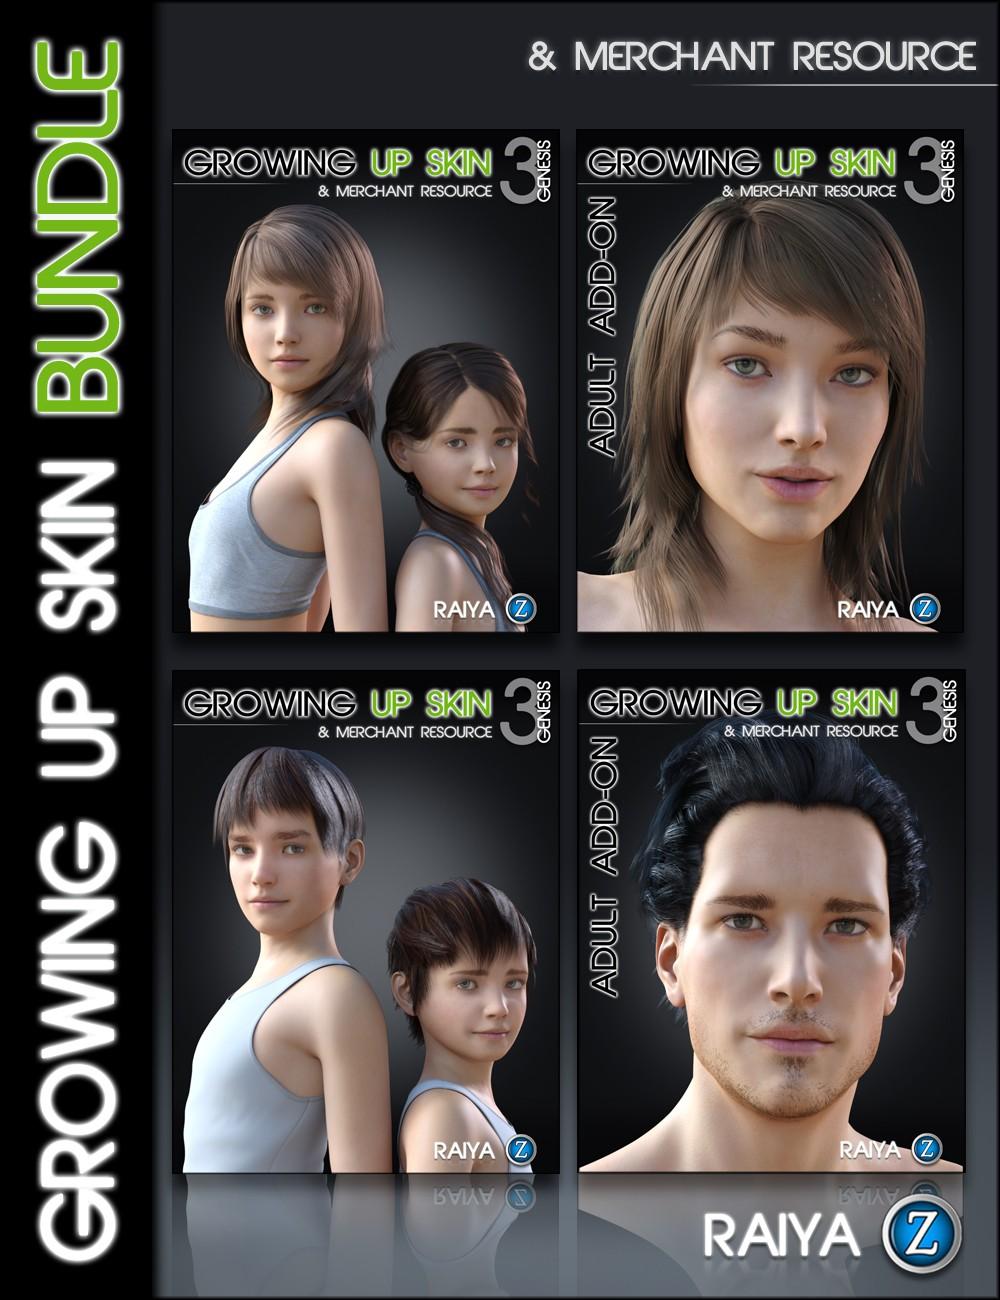 Growing Up Skin Bundle for Genesis 3 by: Zev0Raiya, 3D Models by Daz 3D